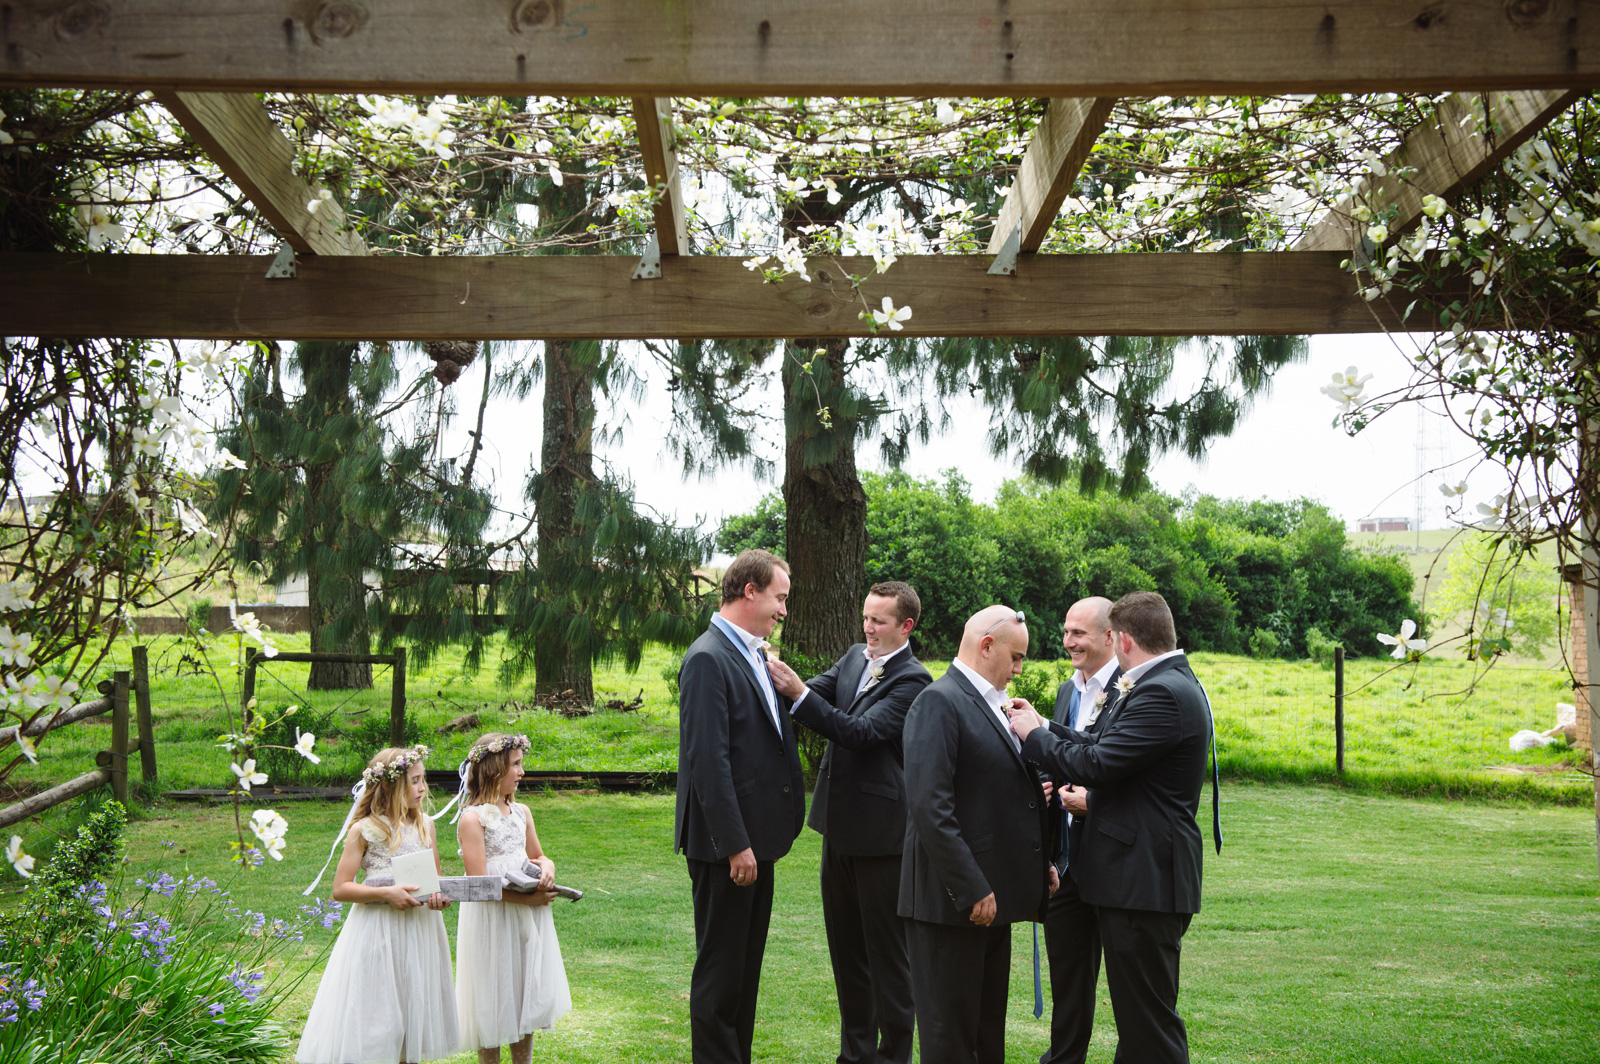 groom getting married